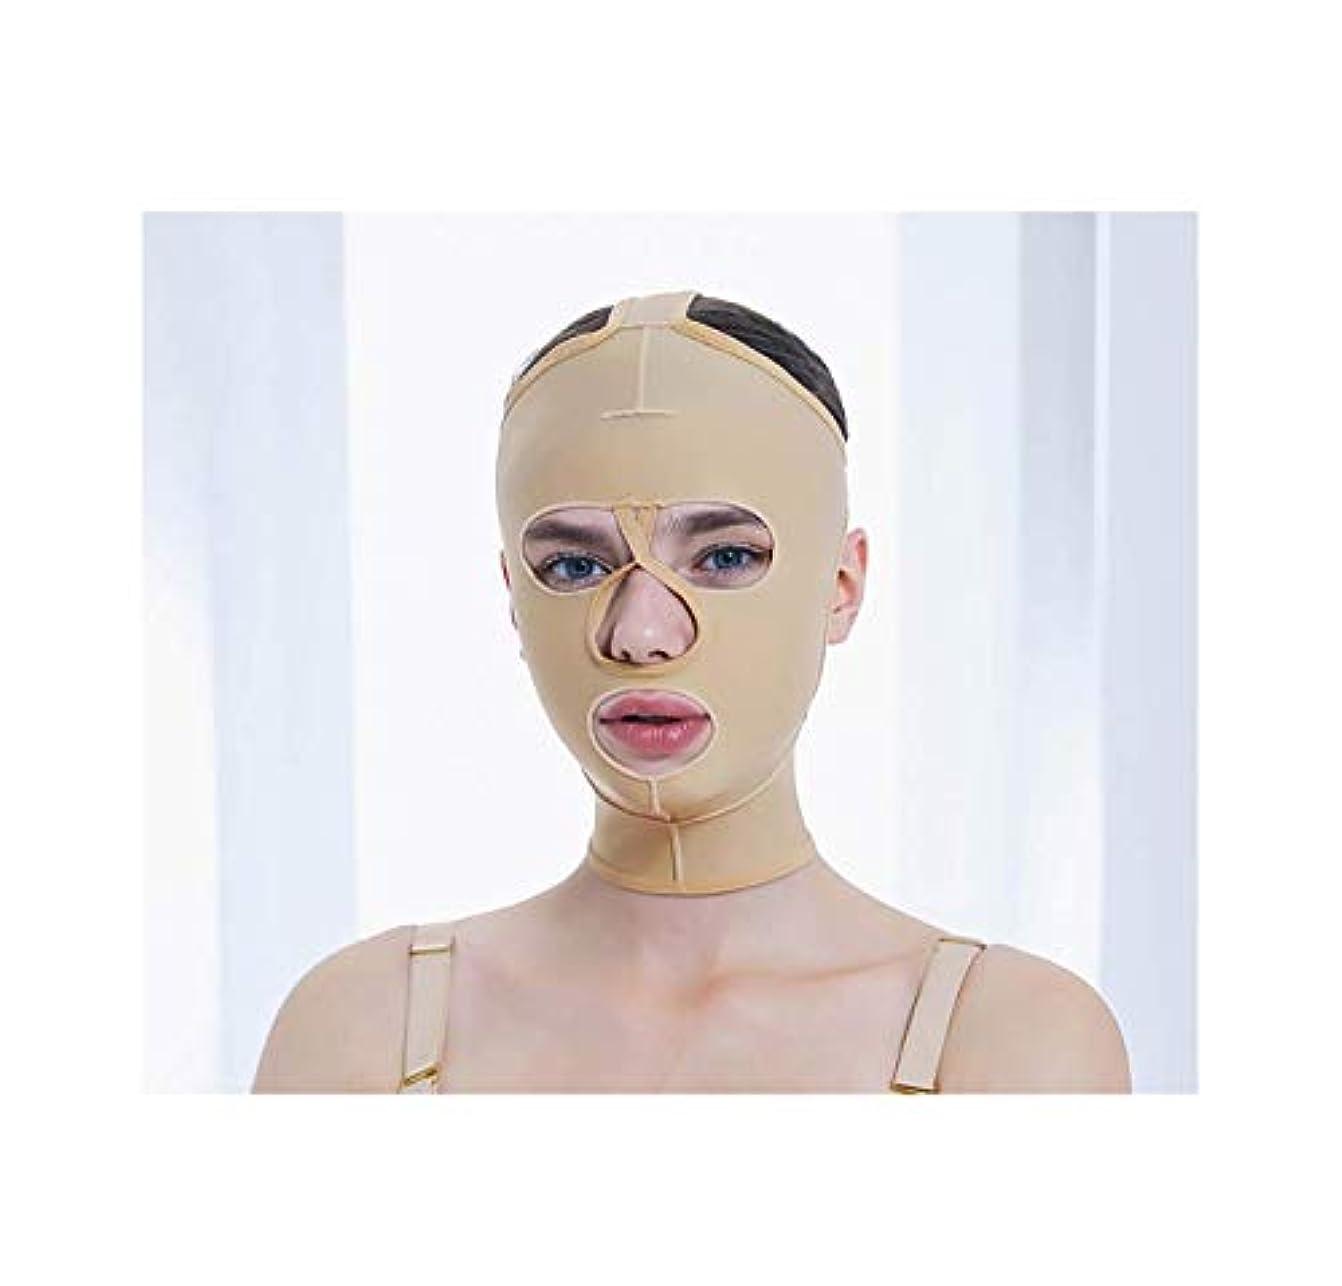 フェイス&ネックリフト、減量フェイスマスク脂肪吸引術脂肪吸引整形マスクフードフェイスリフティングアーティファクトVフェイスビームフェイス弾性スリーブ(サイズ:XS),Xl